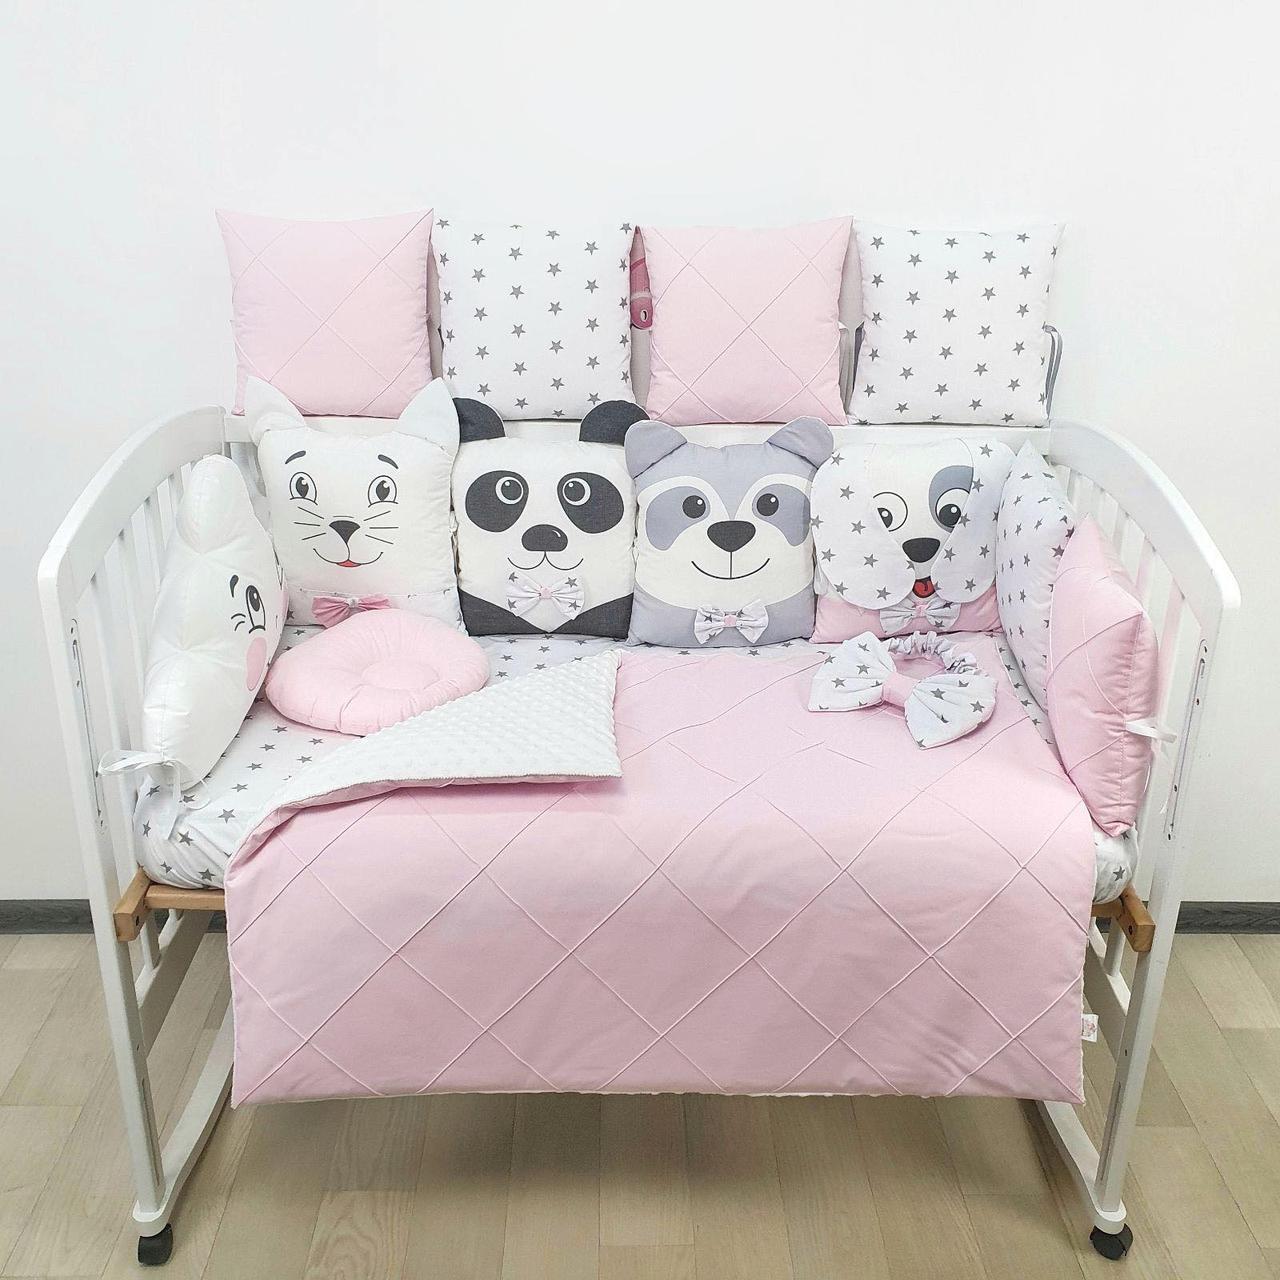 Комплект бортиков и постельного белья в детскую кроватку с игрушками и облаком в  нежно розовых тонах